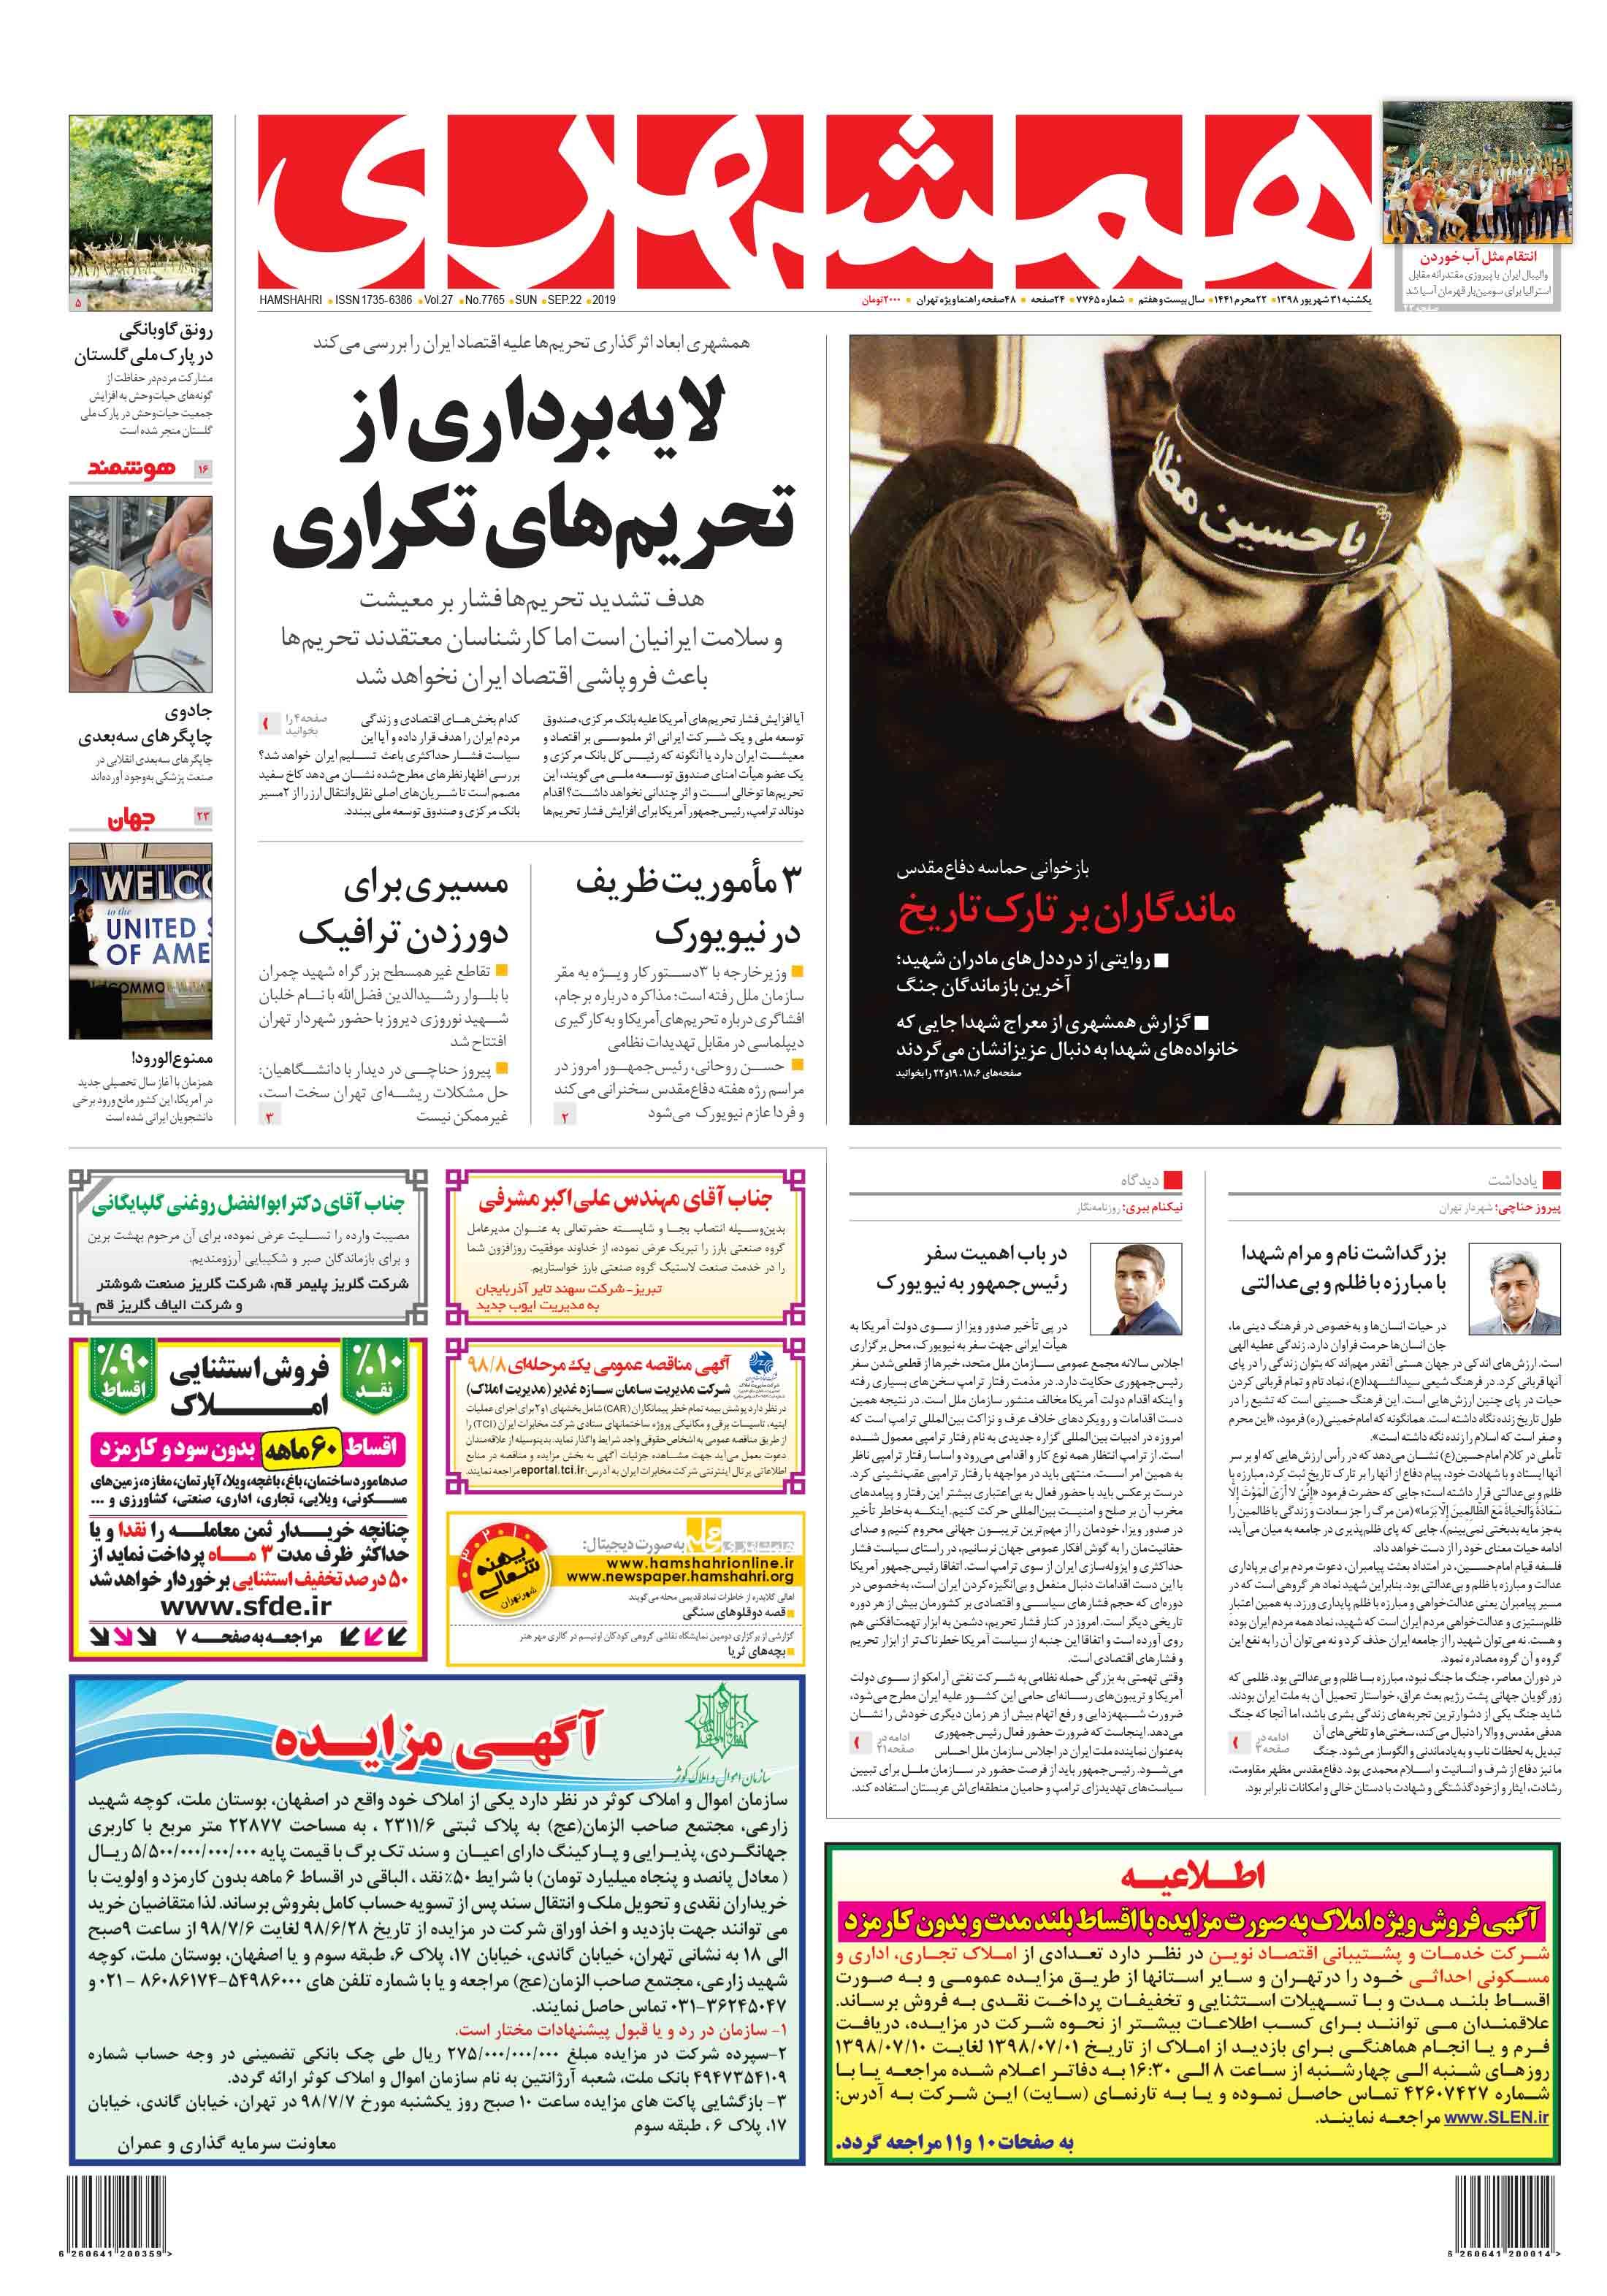 صفحه اول یکشنبه 31 شهریور 1398